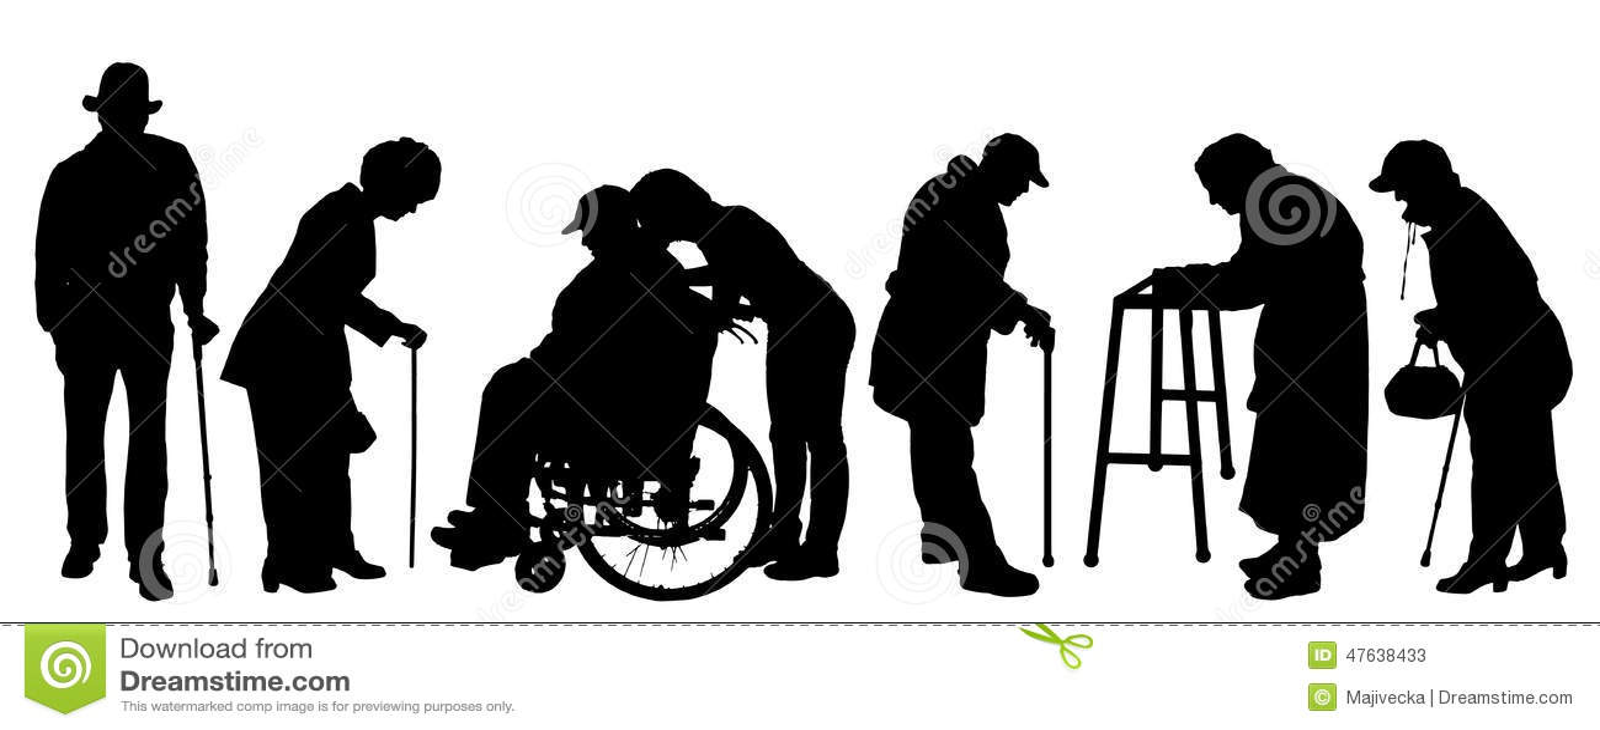 Διανυσματική σκιαγραφία του ηλικιωμένου ανθρώπου